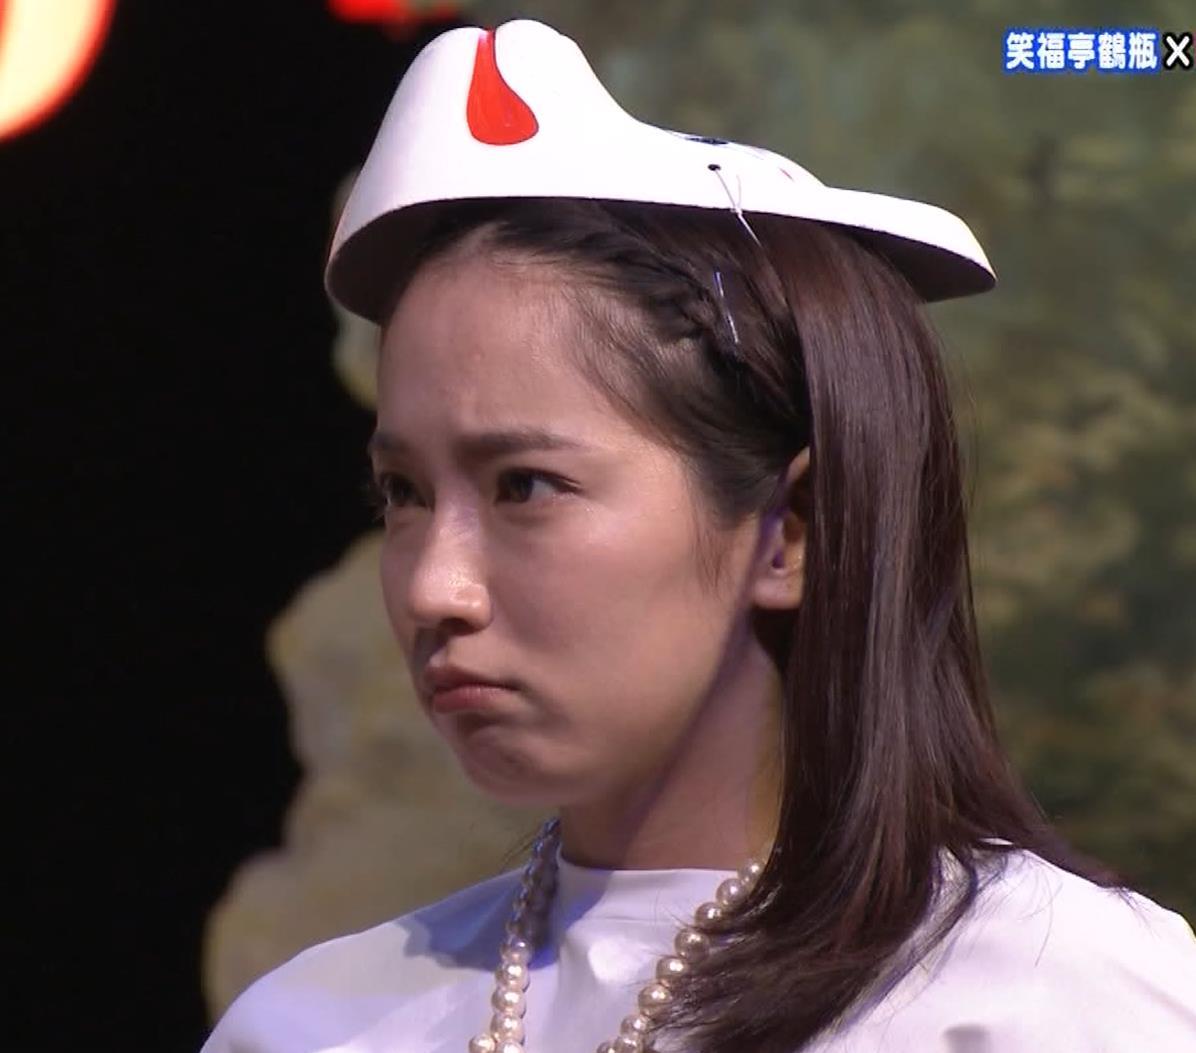 吉岡里帆 自分のおっぱいをつかむキャプ・エロ画像5